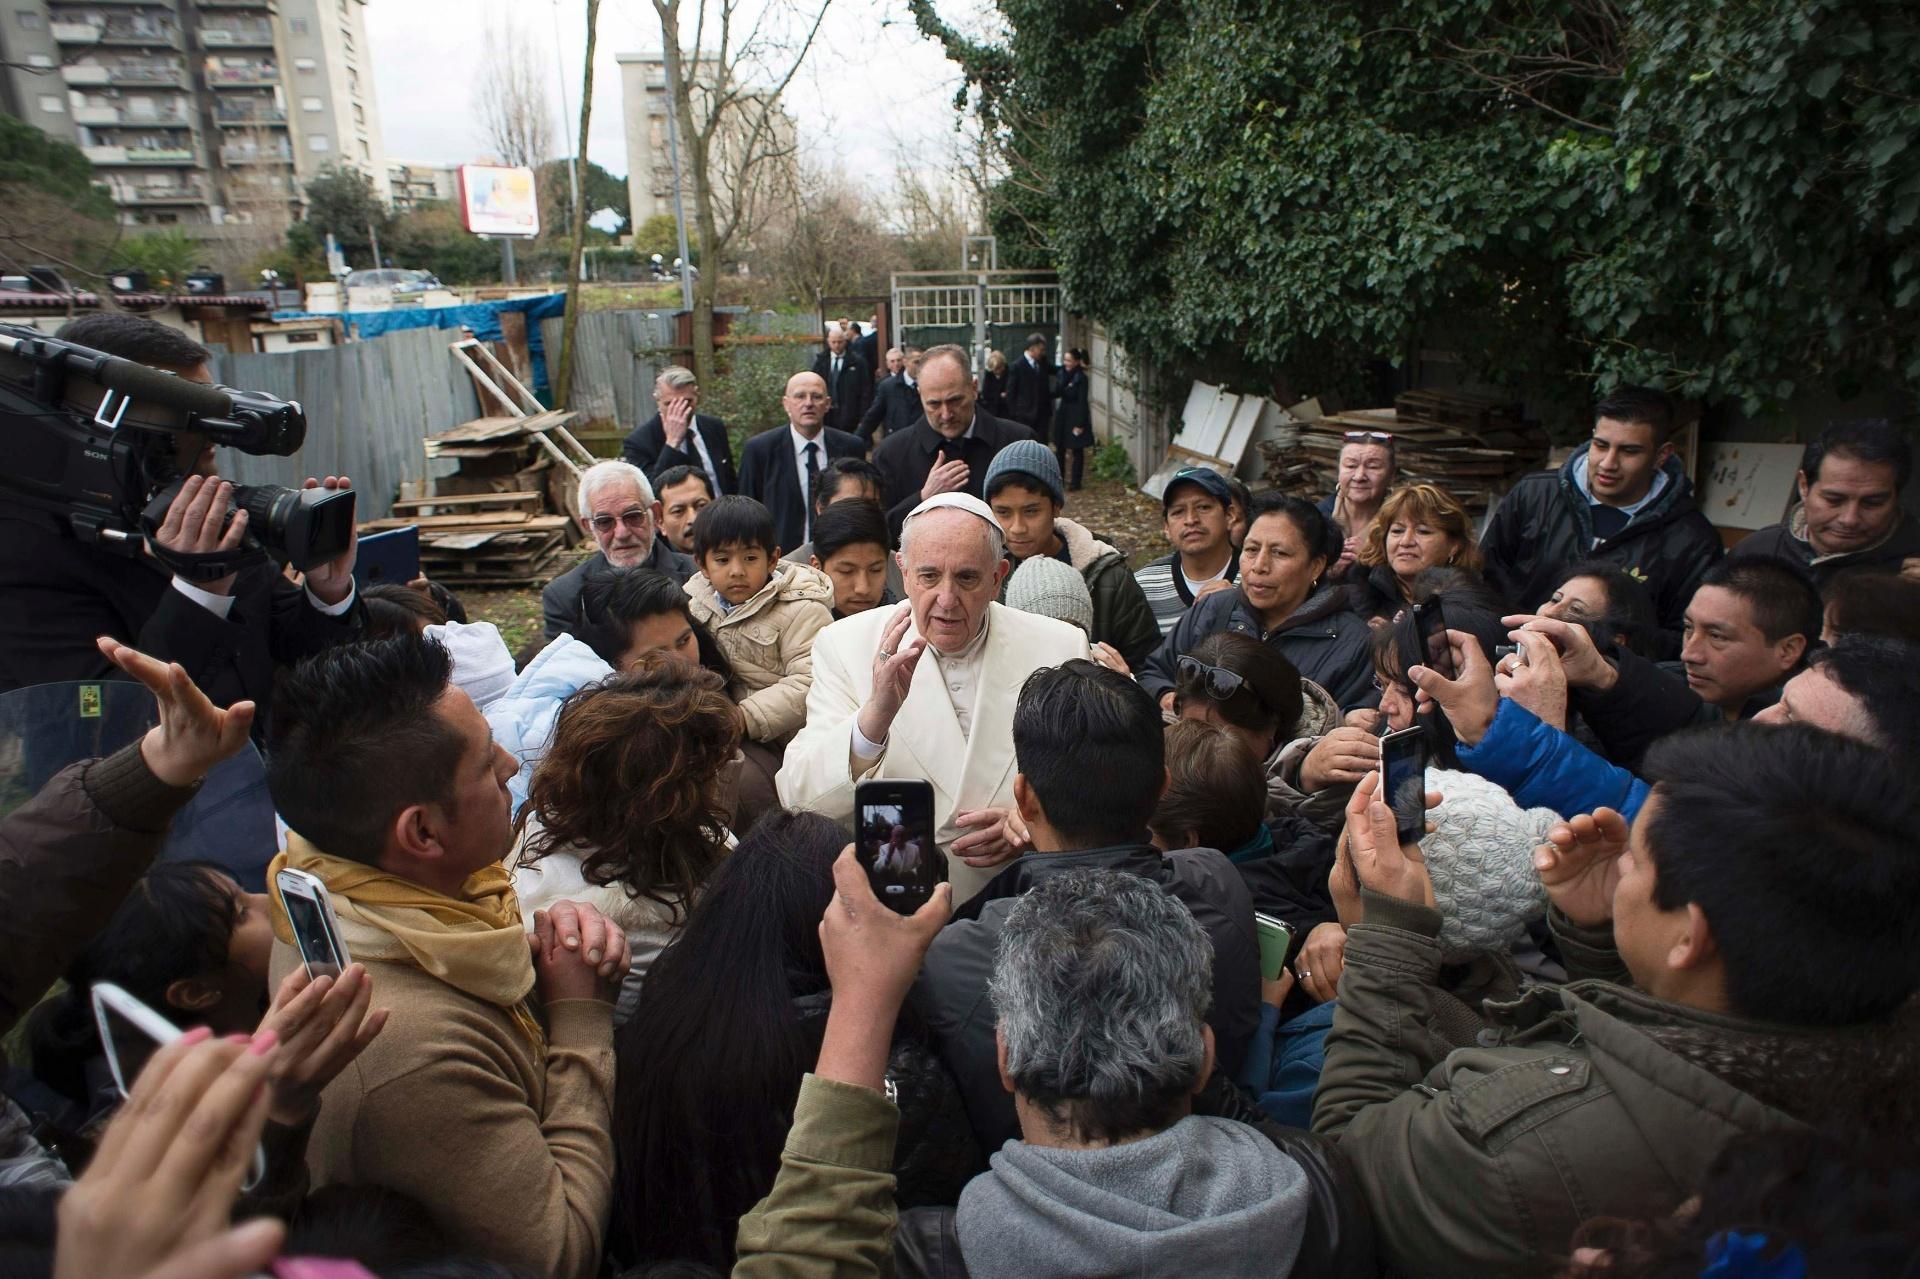 8.fev.2015 - O Papa Francisco conversa com moradores de uma comunidade carente nos arredores de Roma, na Itália, durante uma visita surpresa. O pontifício estava a caminho de uma visita a uma paróquia da área operária de Tiburtina quando mudou a rota para conhecer a favela que ele havia ouvido falar